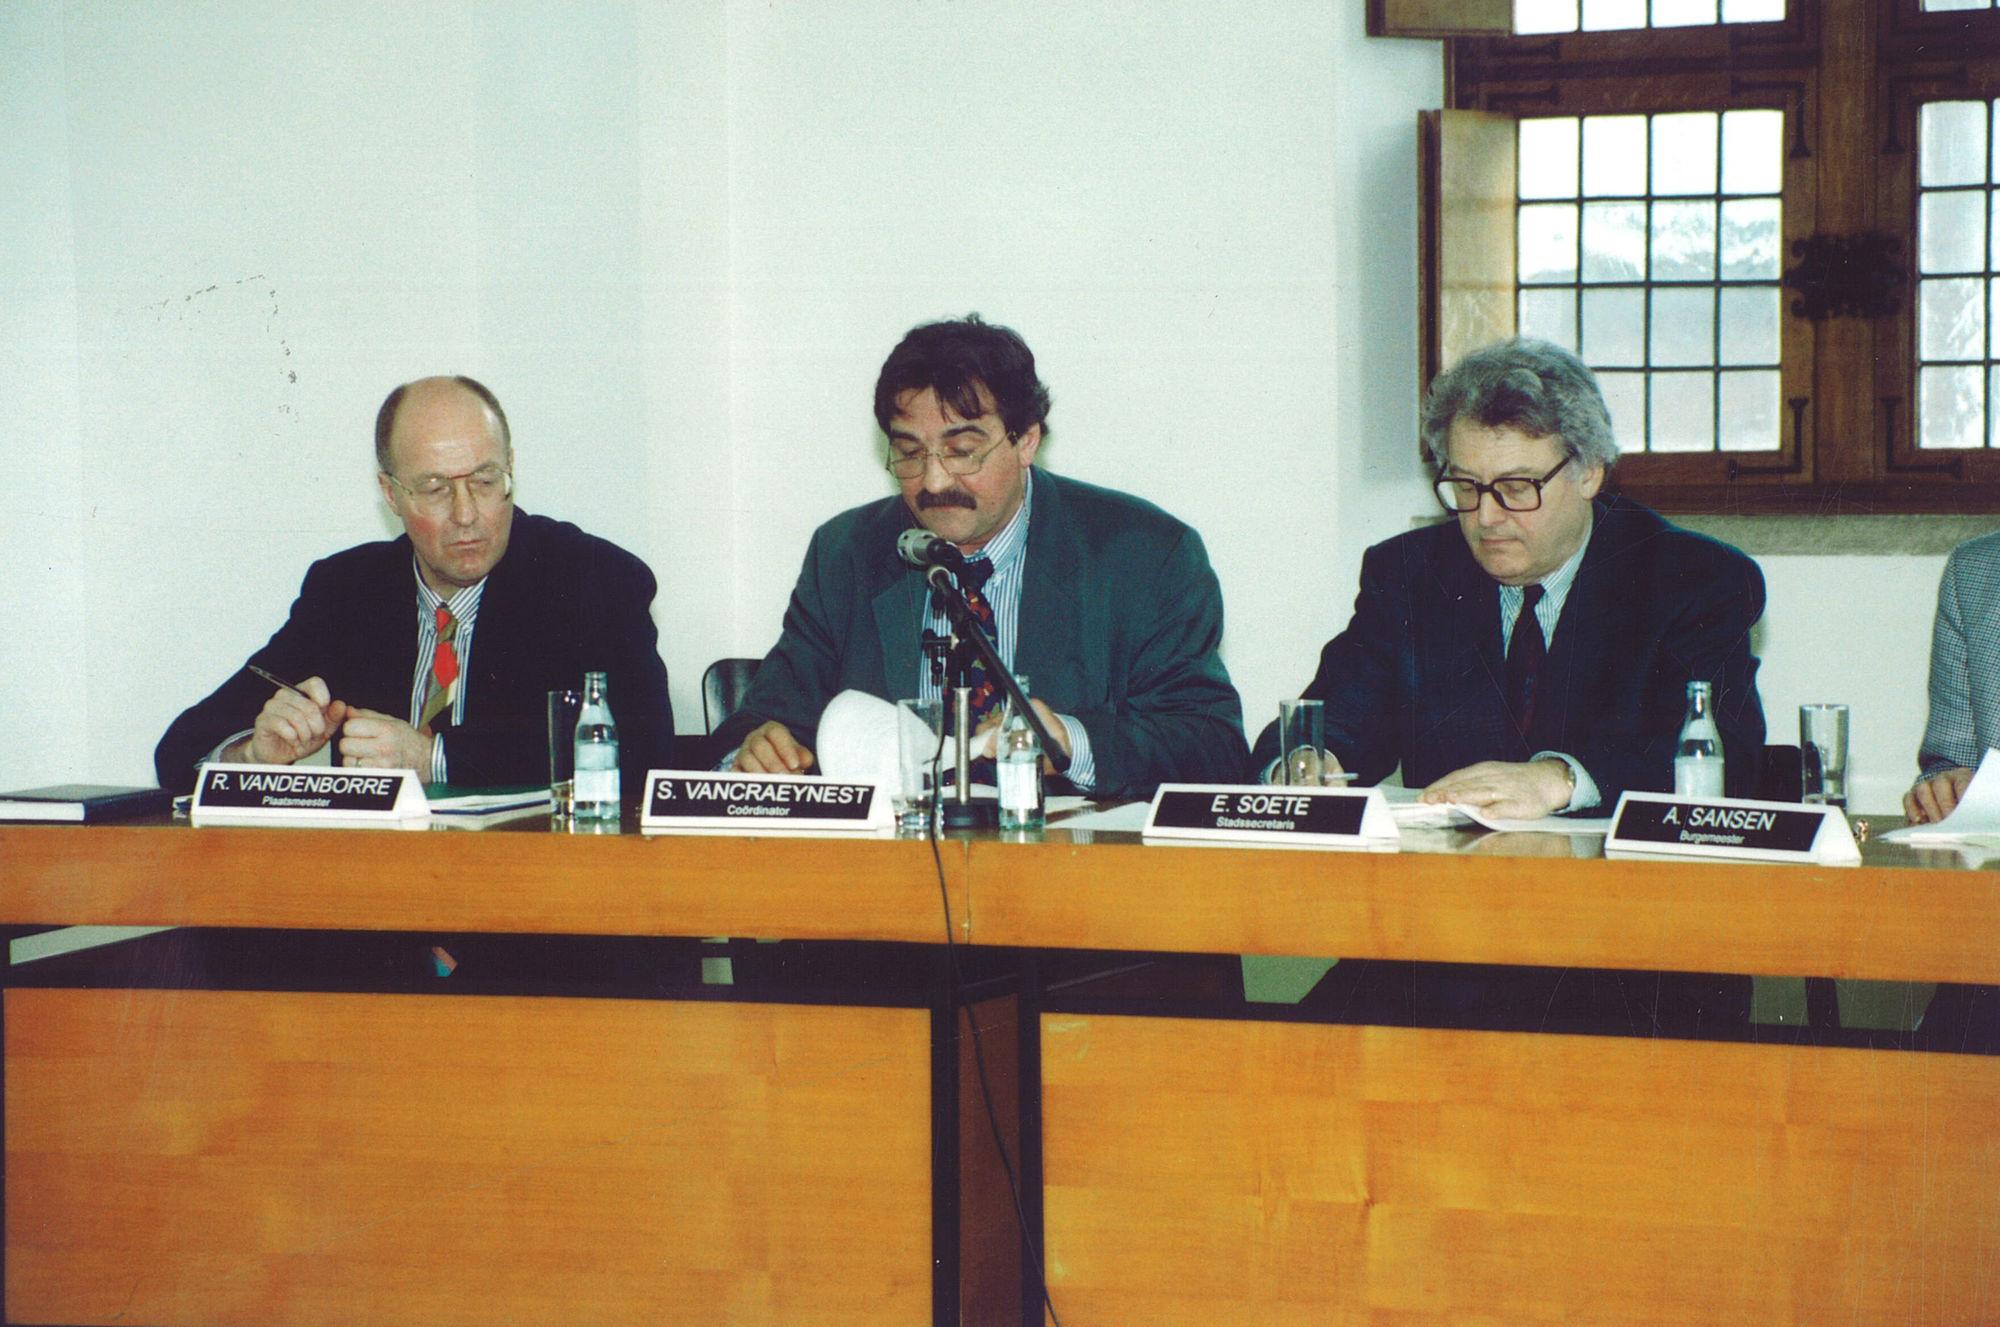 Paasfoor 1994